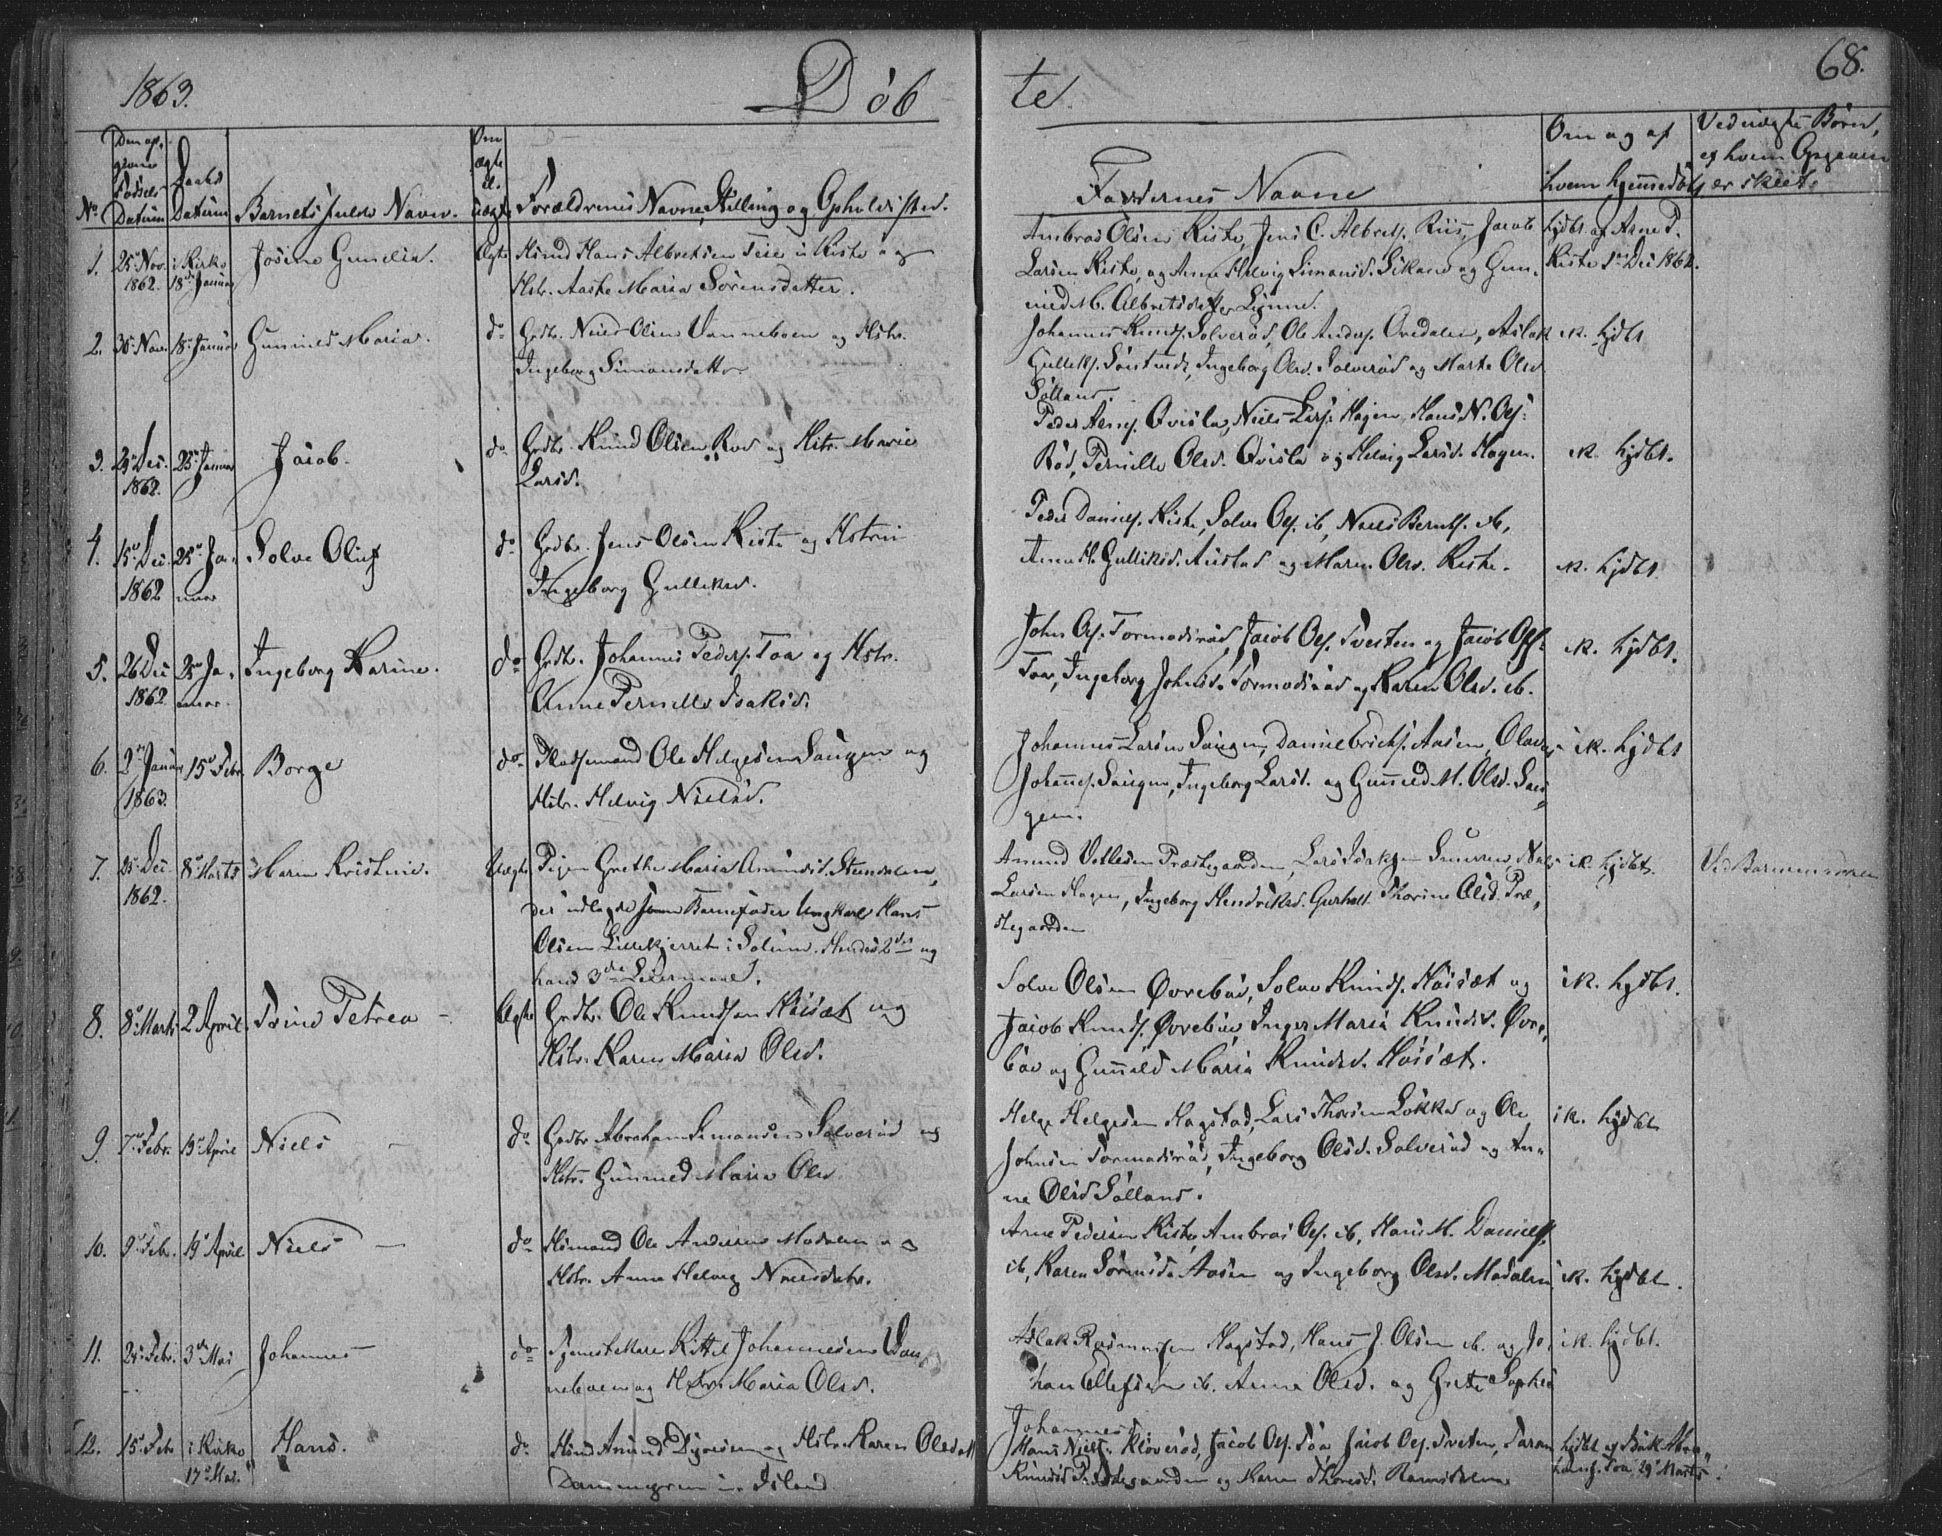 SAKO, Siljan kirkebøker, F/Fa/L0001: Ministerialbok nr. 1, 1831-1870, s. 68